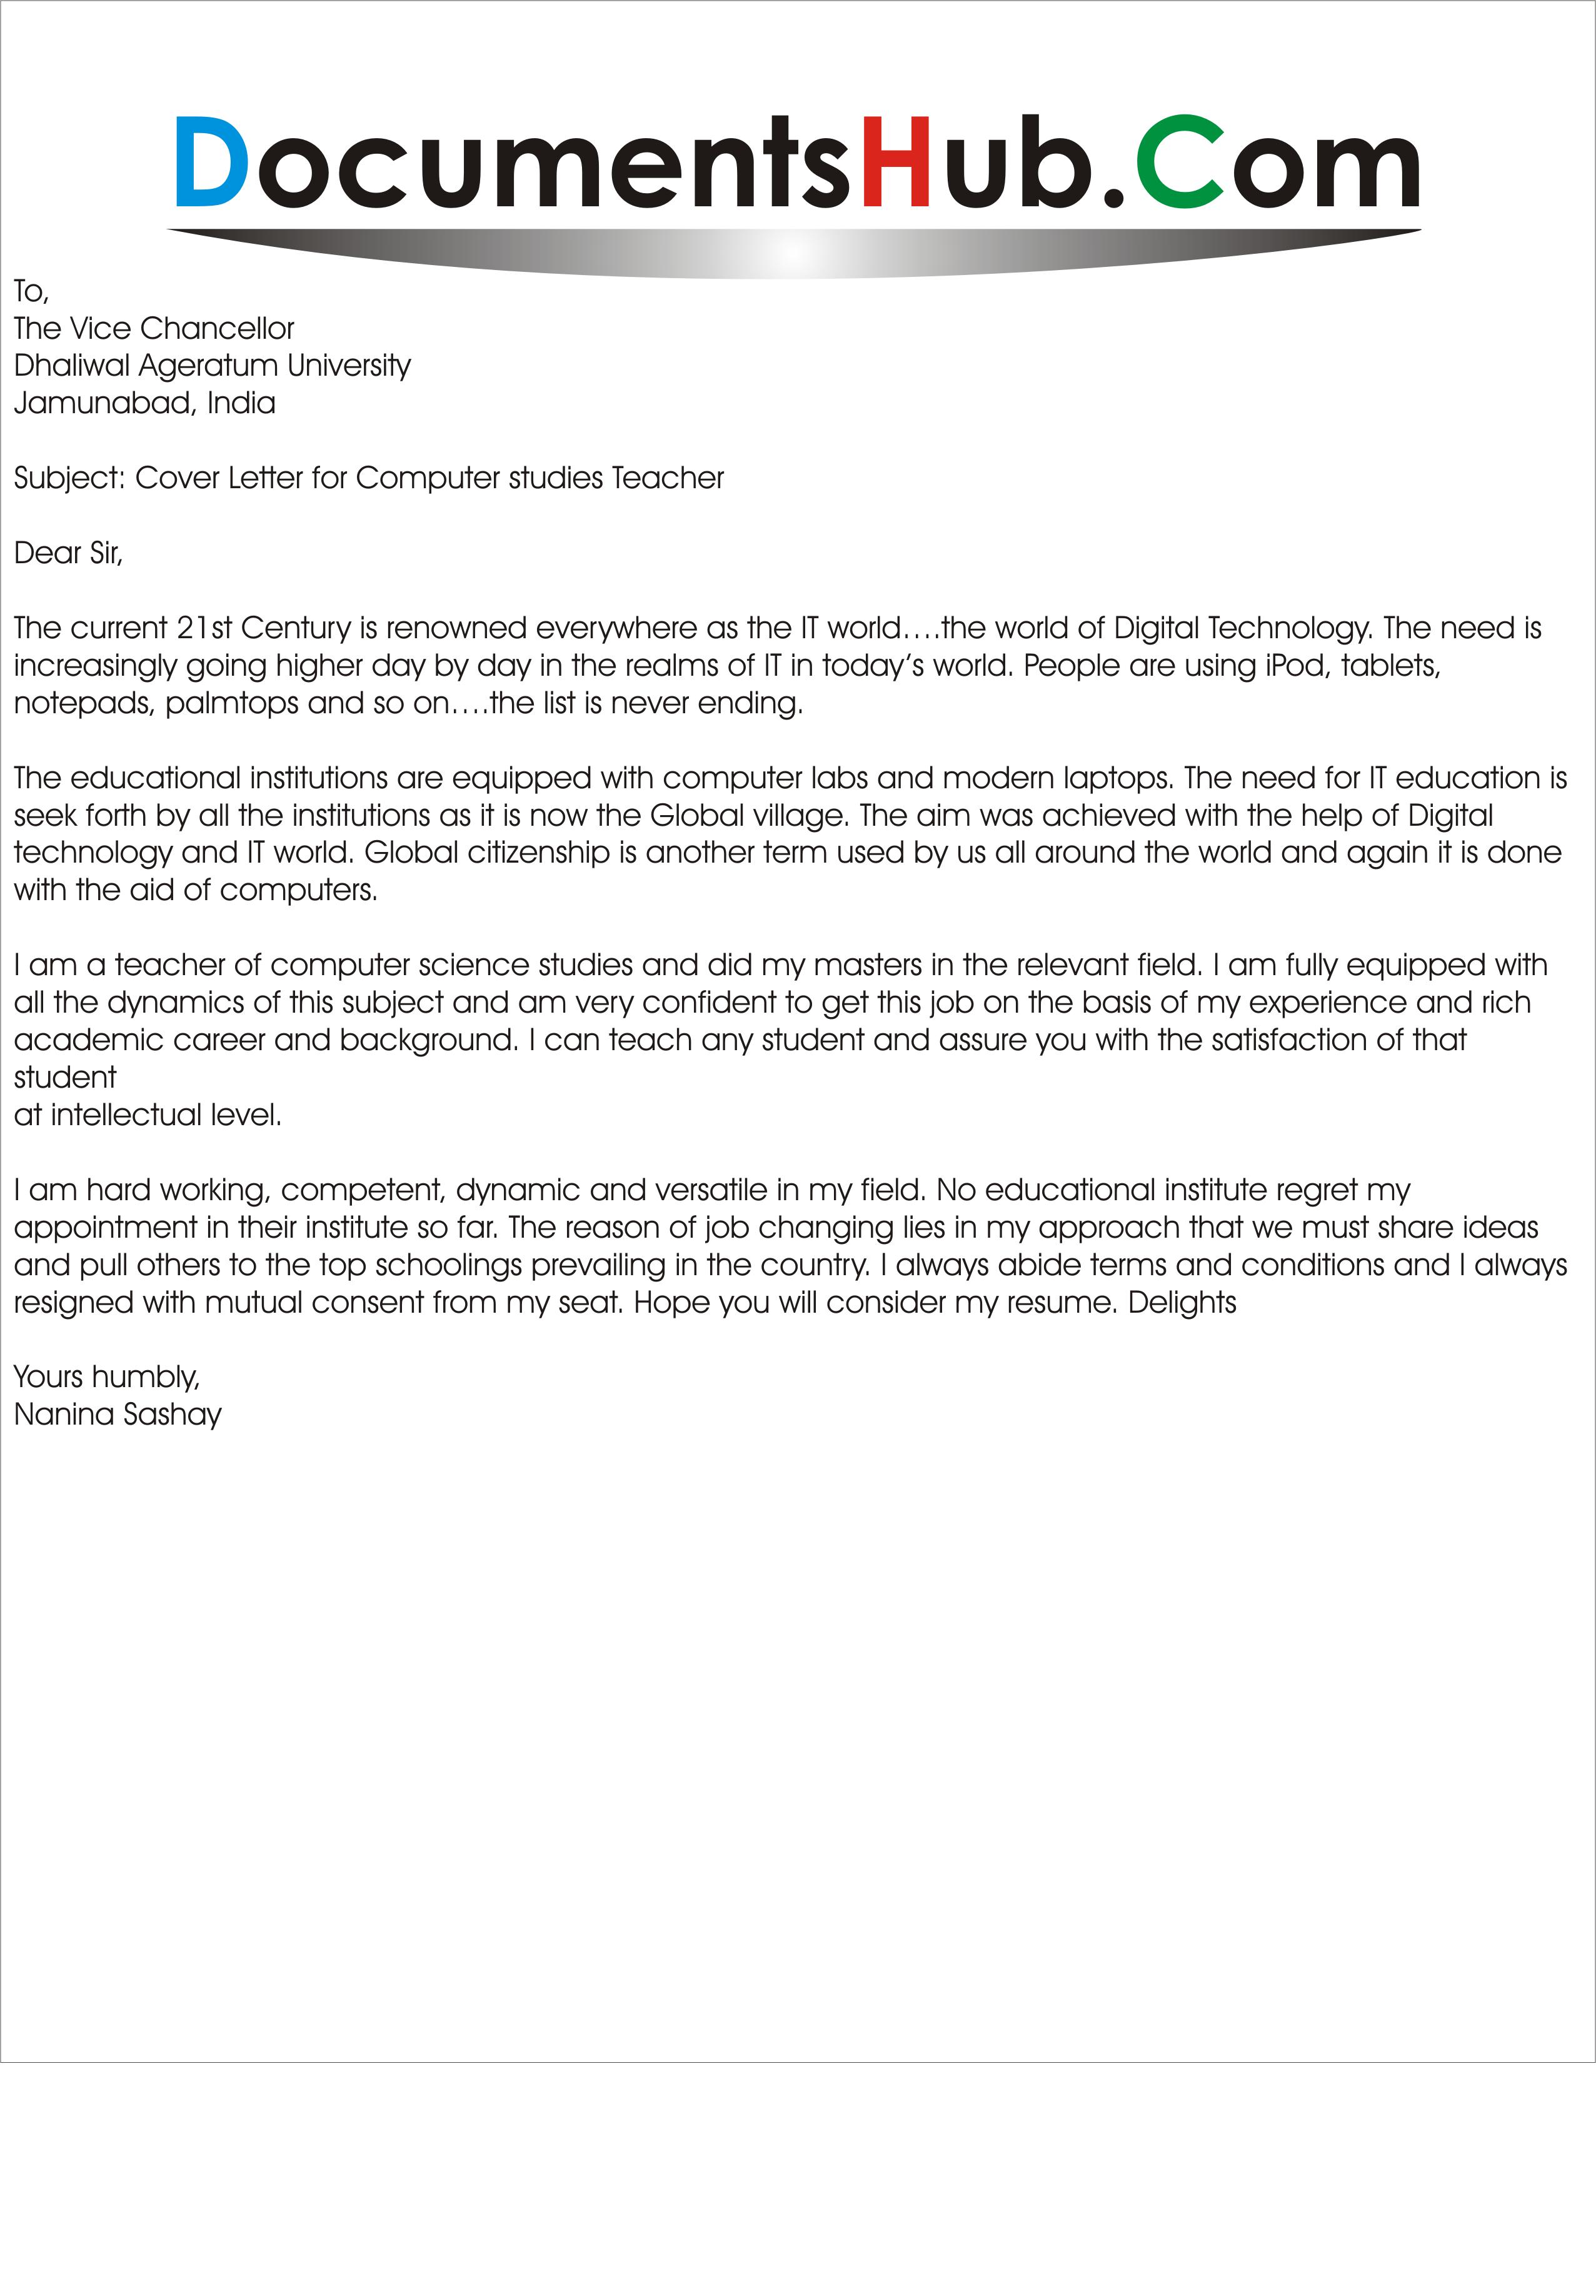 resume cover letter samples